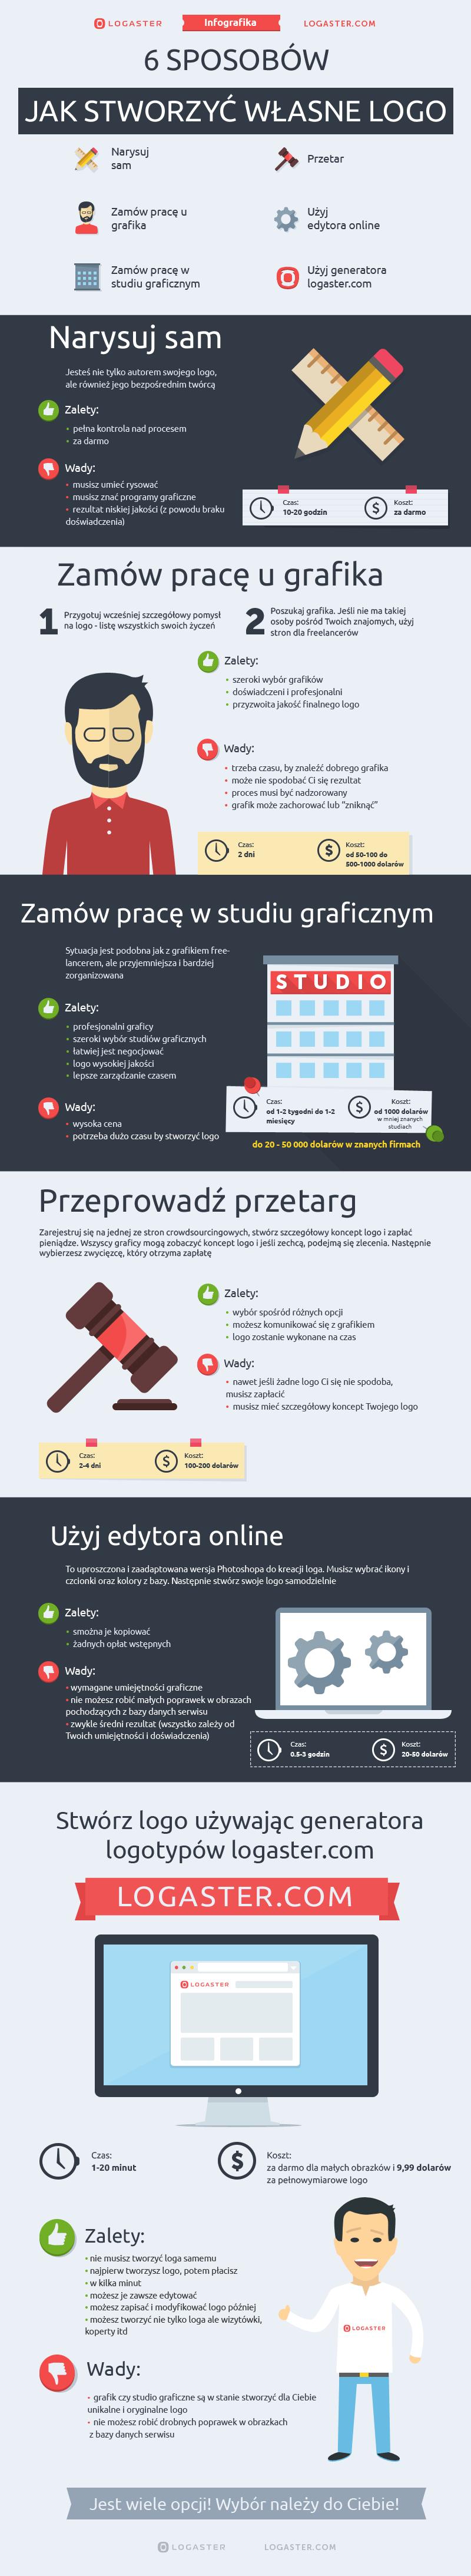 logaster-infografika